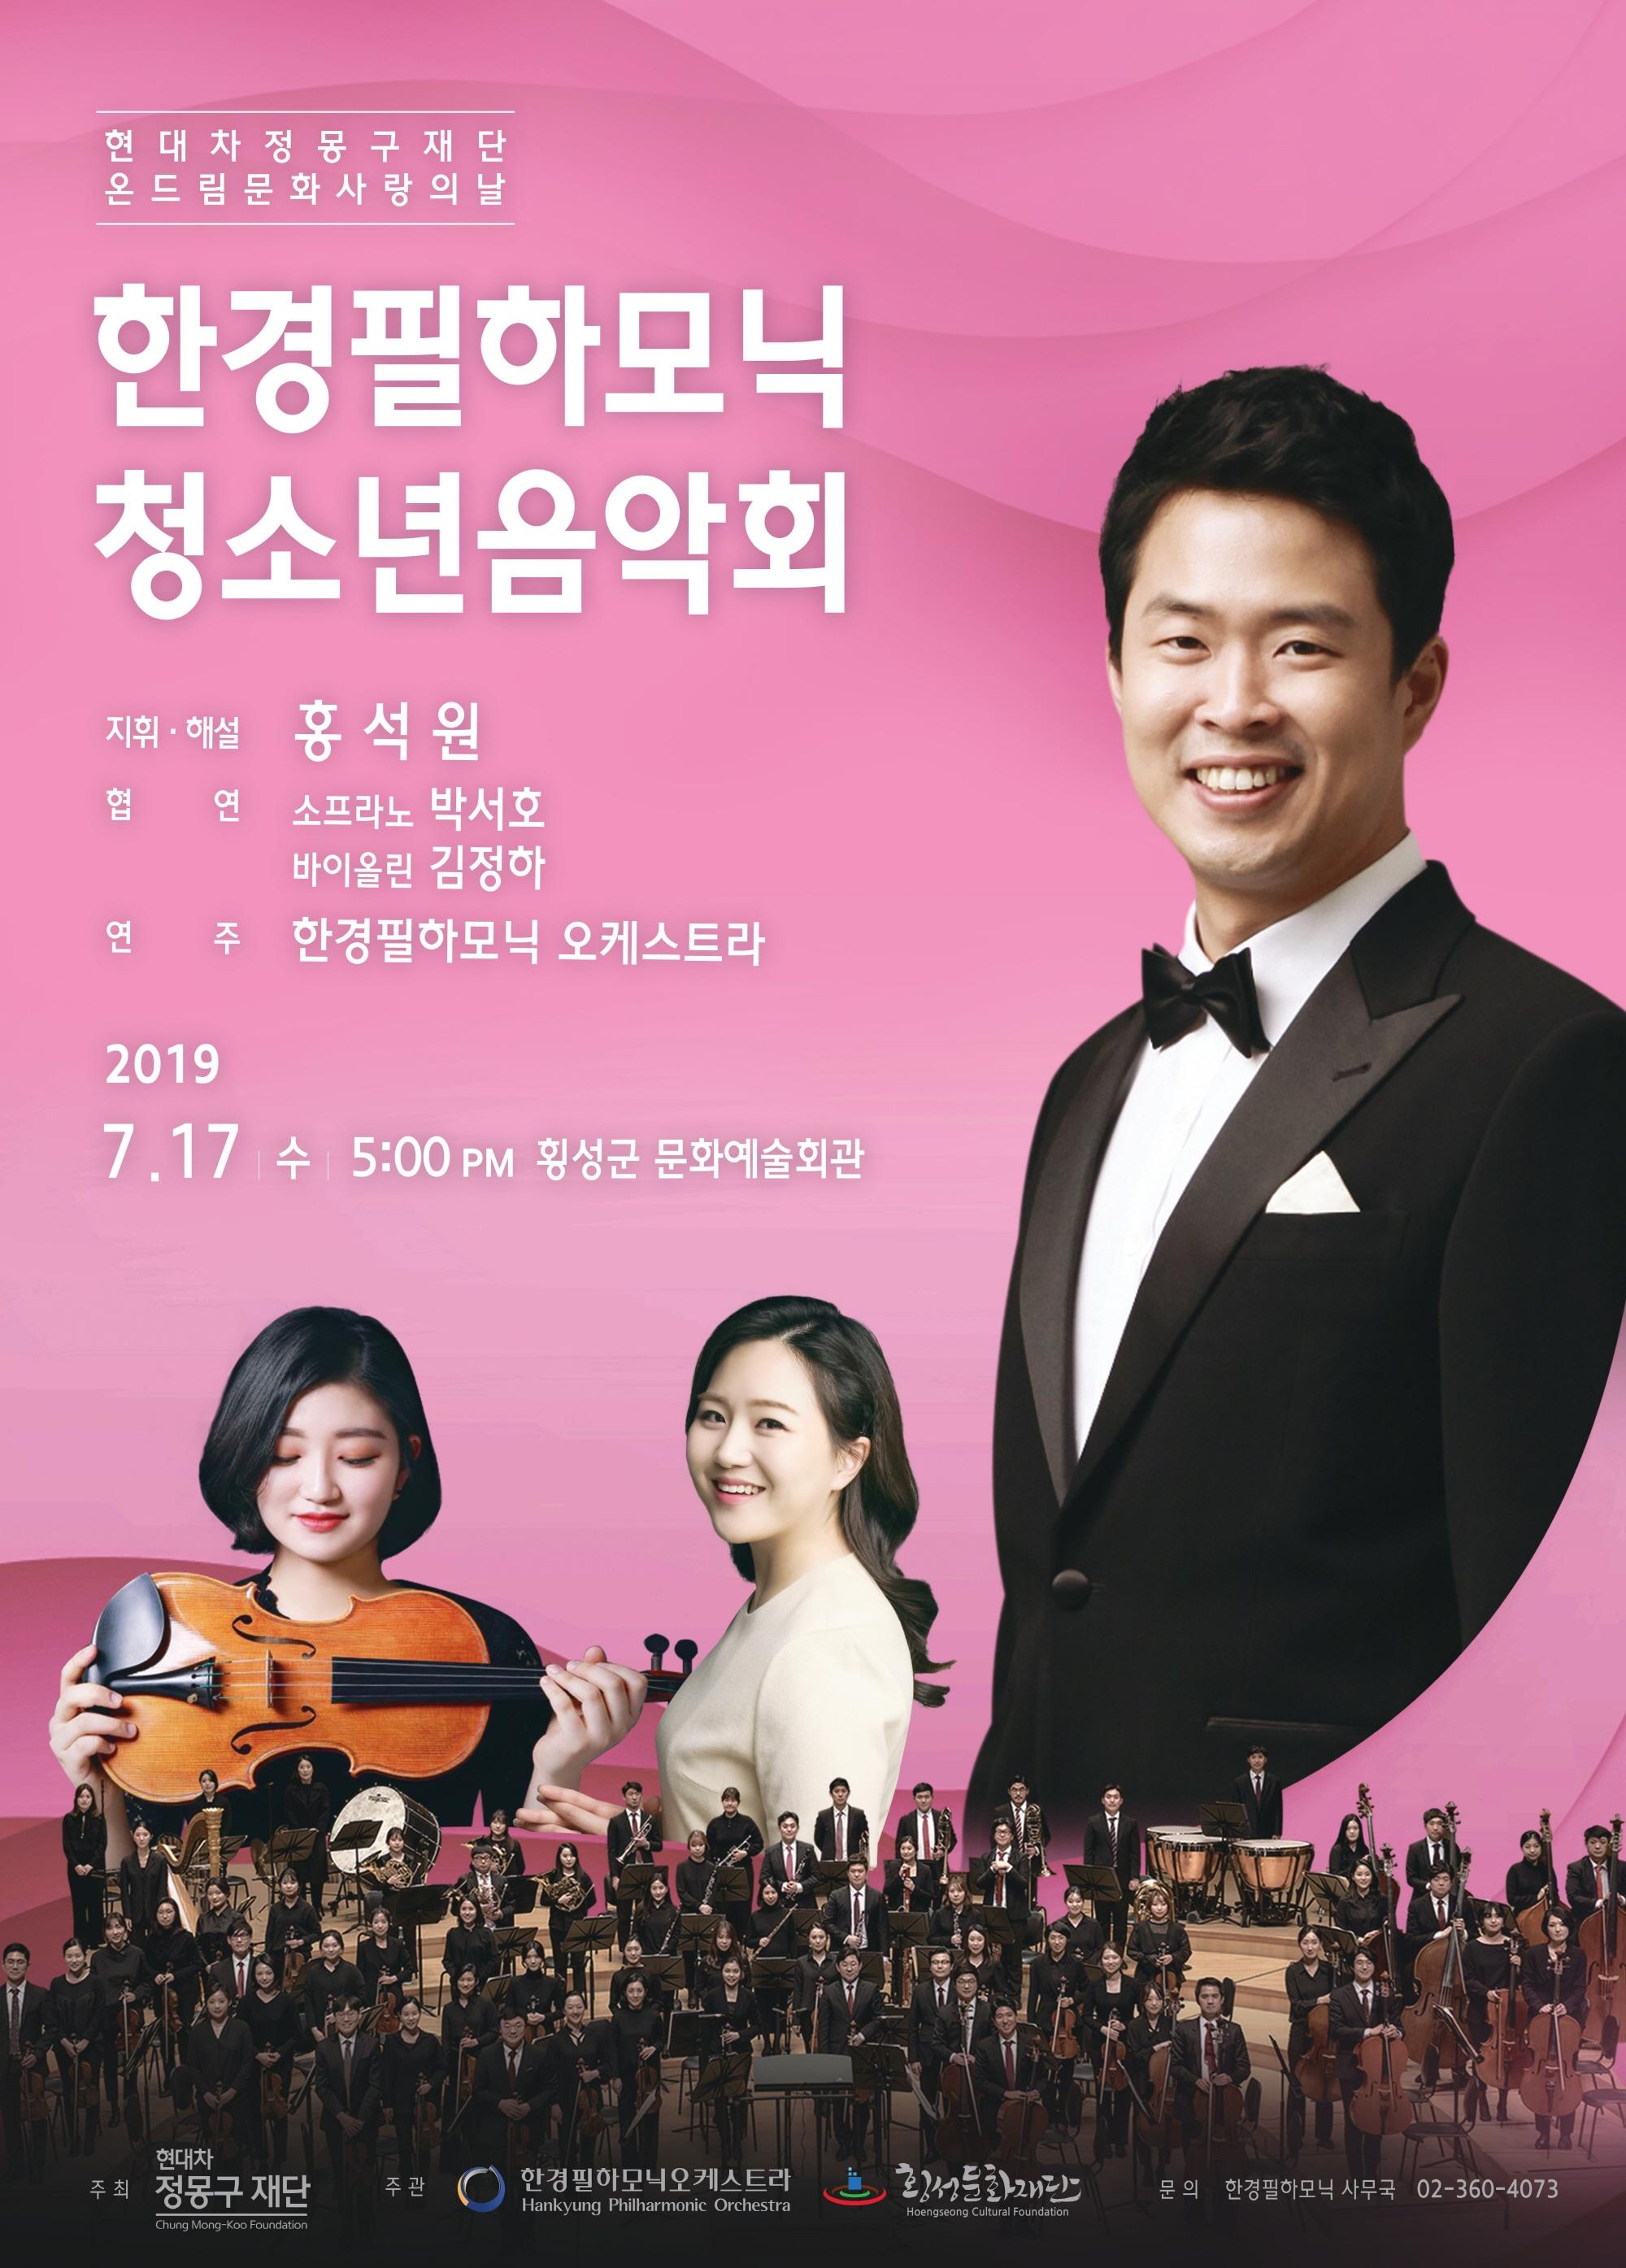 한경필하모닉 청소년음악회